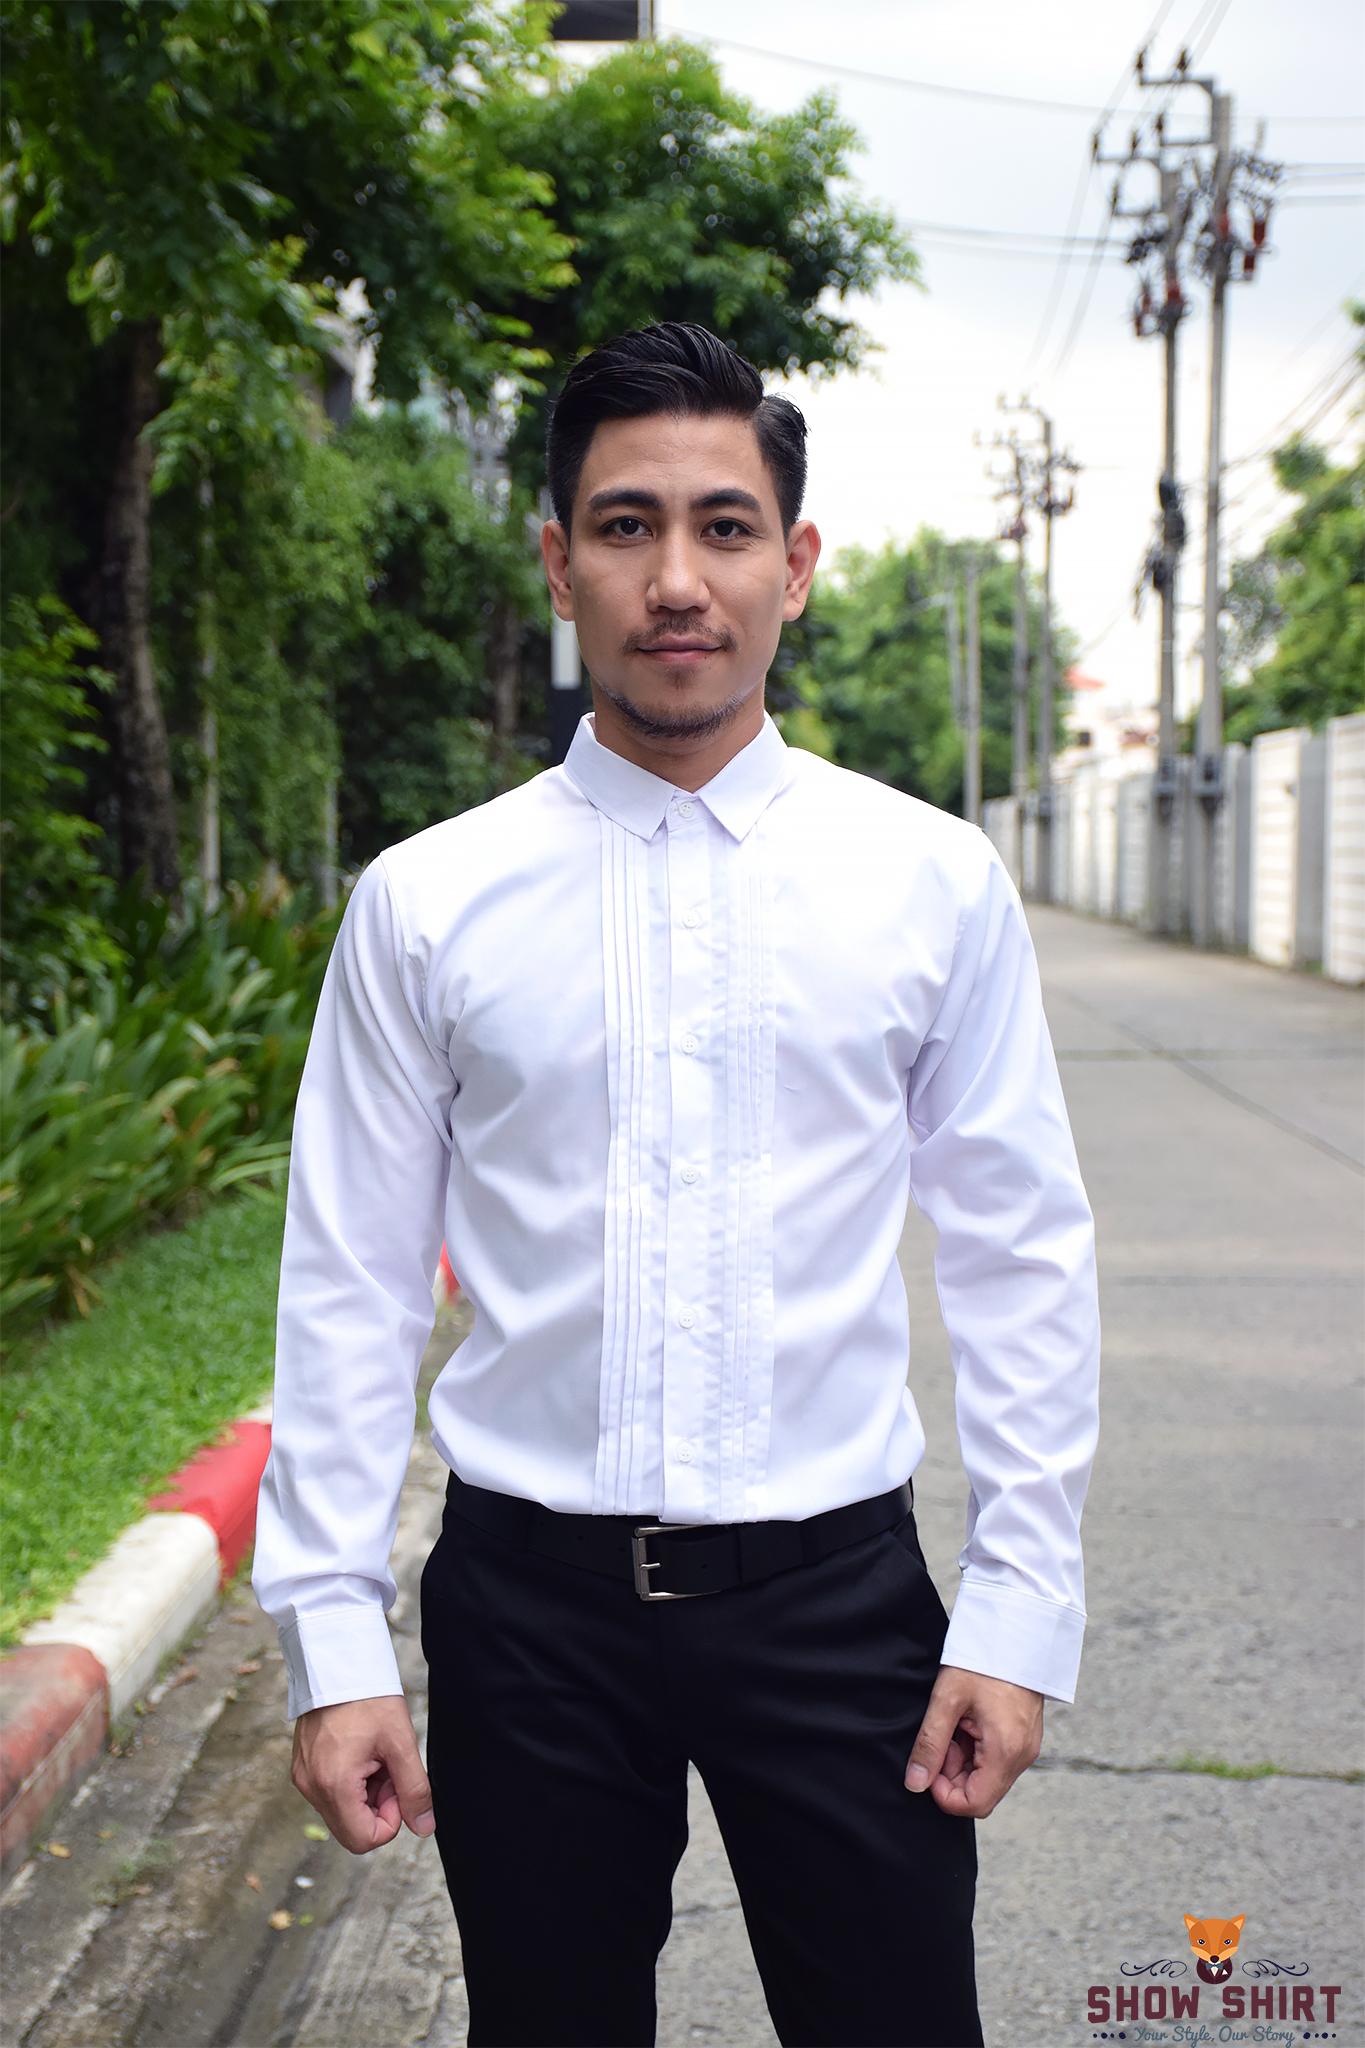 เสื้อเชิ้ตสีขาว รุ่นจีบหน้า